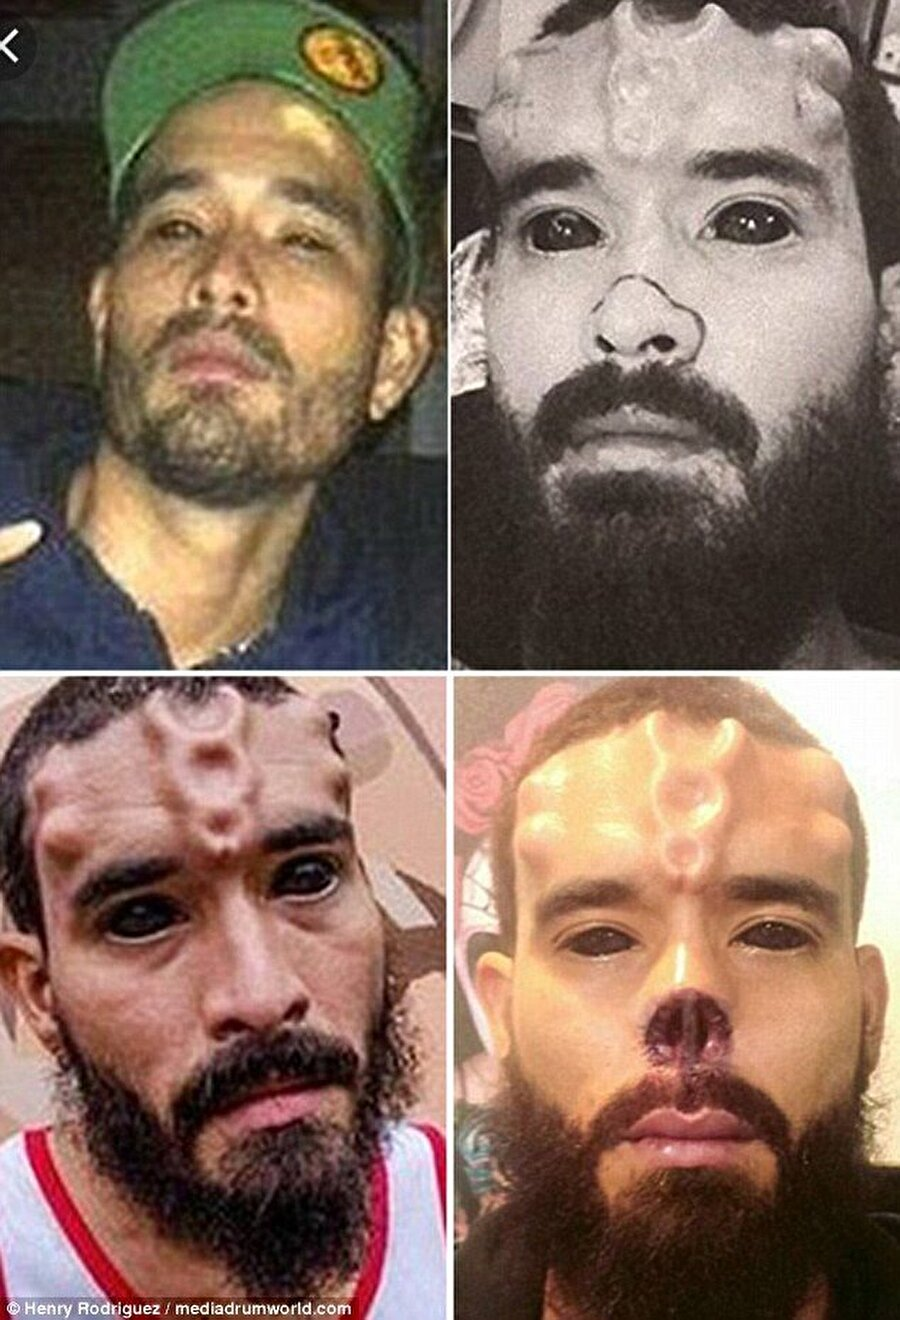 Burnunu kestirdi, alnına implant taktırdı                                                                            Mütevazi ve geleneksel bir aileden geldiğini açıklayan Henry Rodriguez, burnunun kestirdi, alnına implantlar yerleştirdi, vücudunu dövmelerle kaplattı.